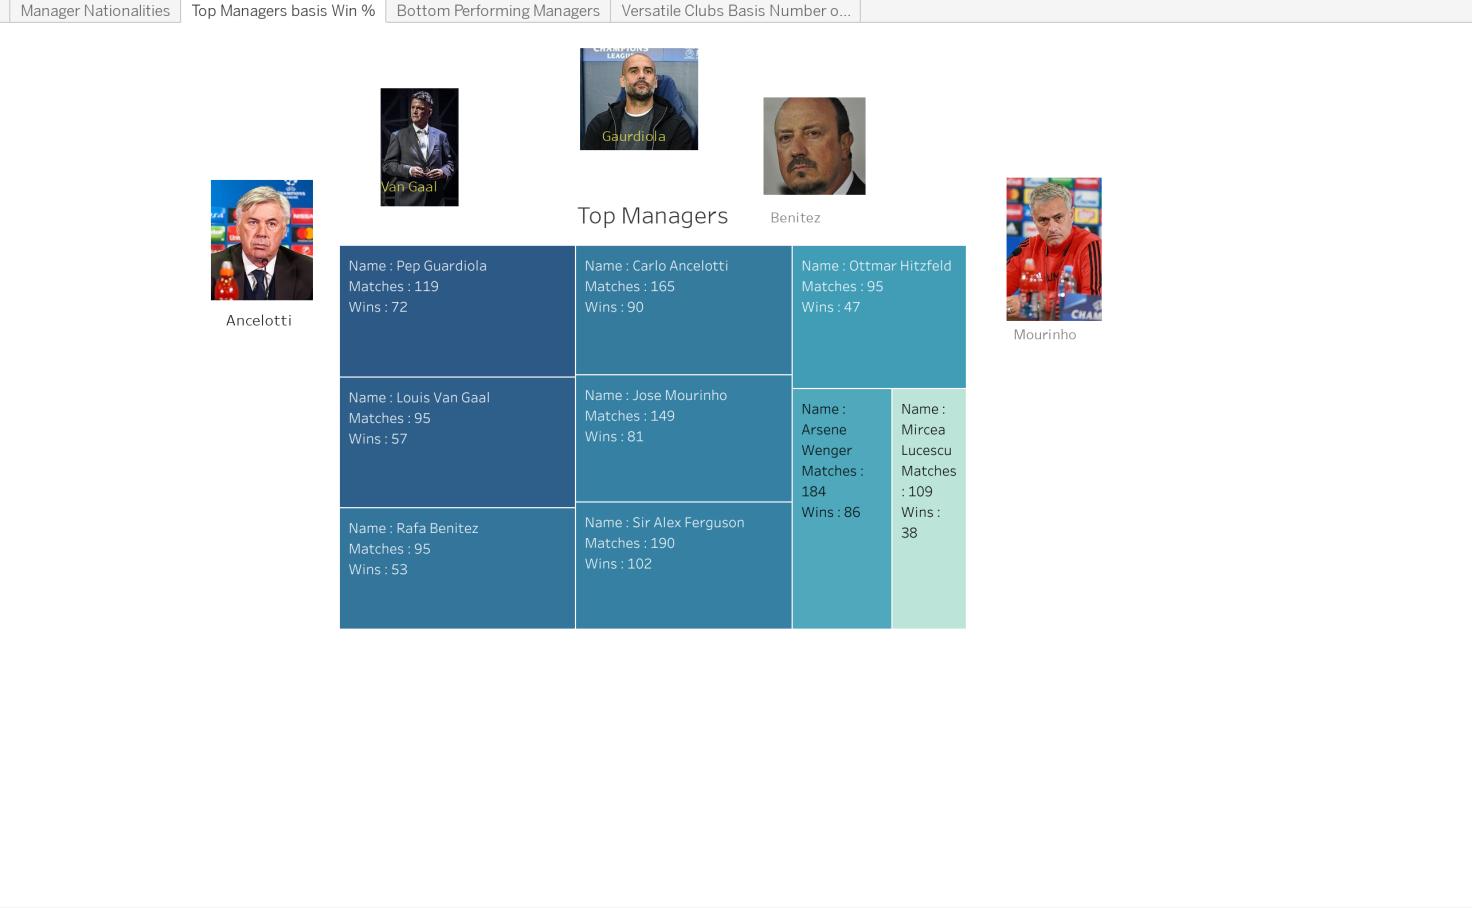 UEFA Champions League | Managers Stats - Gaurav Chavan | Tableau Public